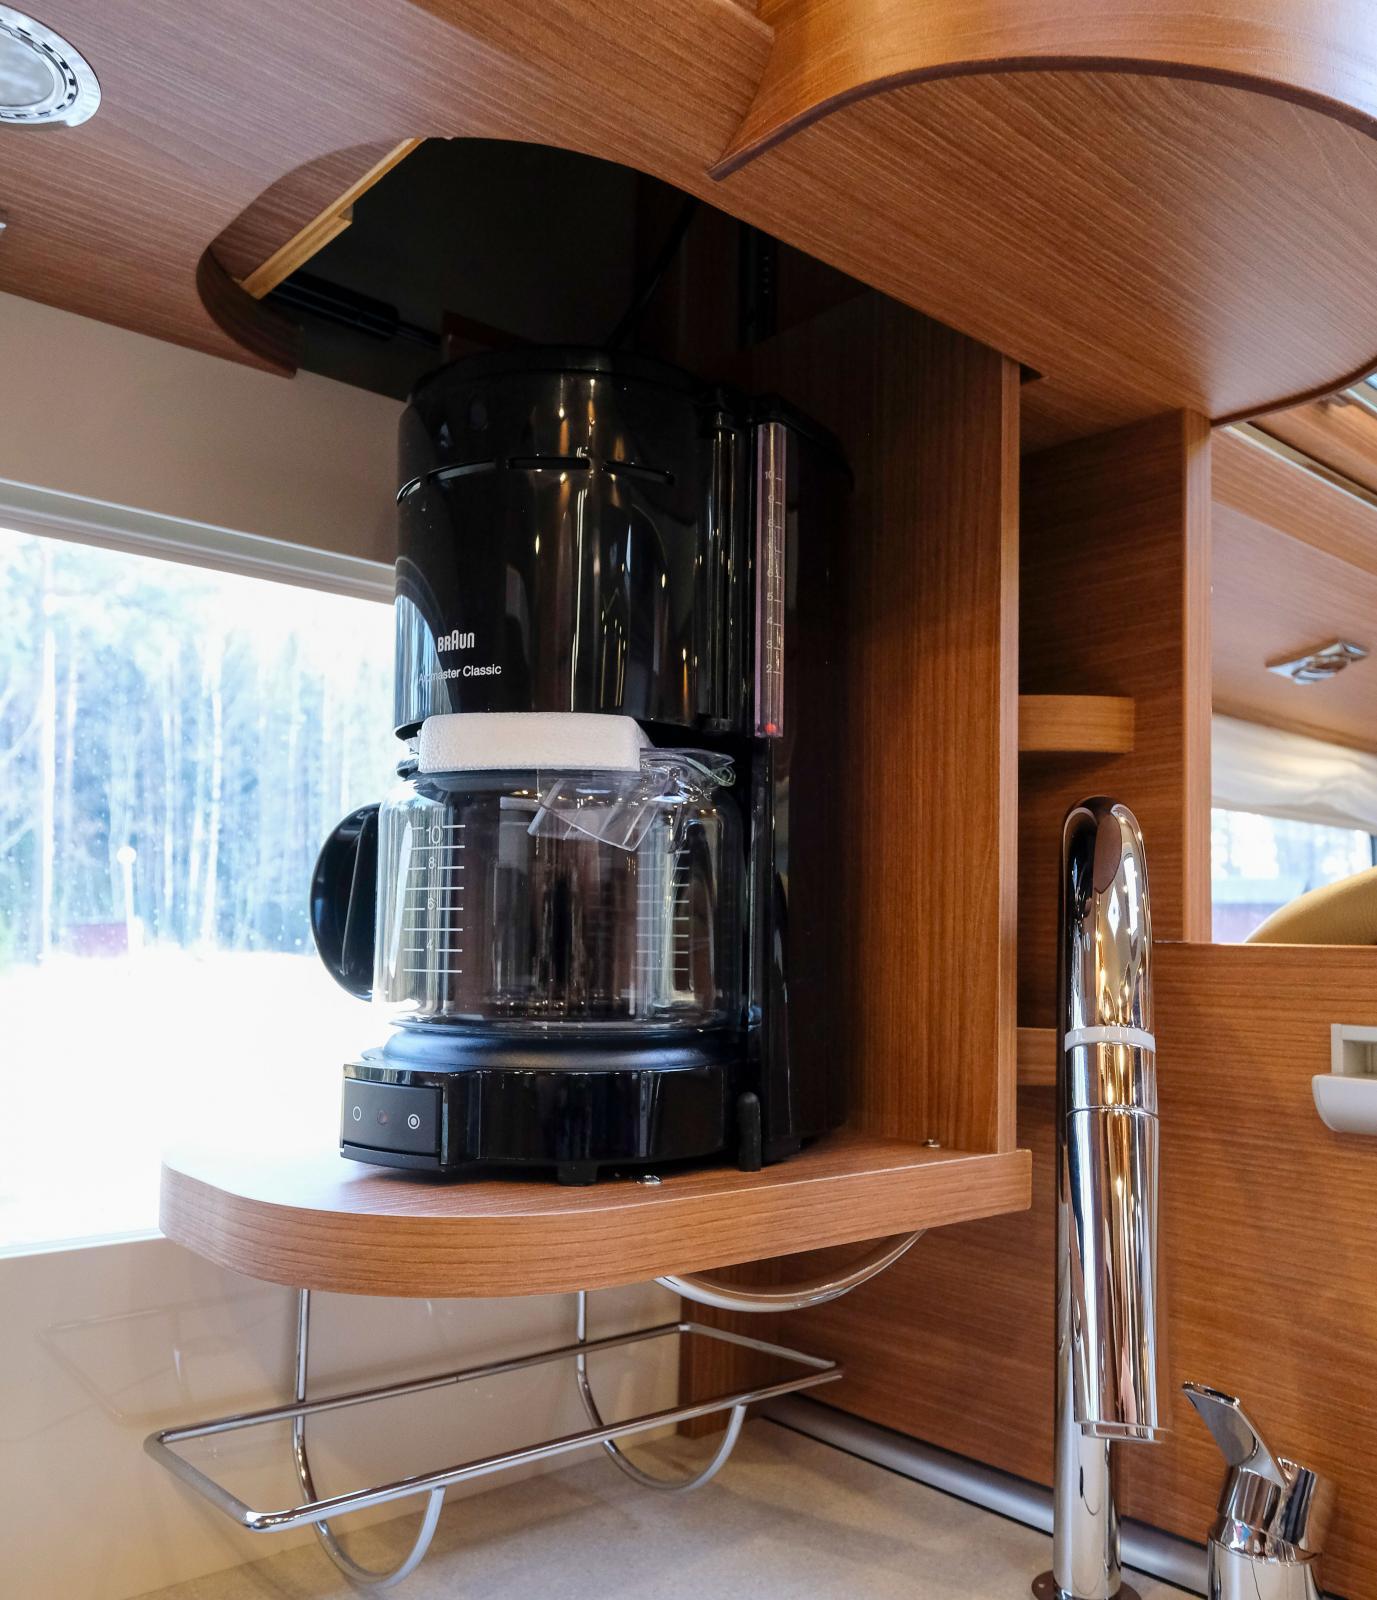 """Kaffebryggare av """"hemmamodell"""" kan dras ned i köket."""